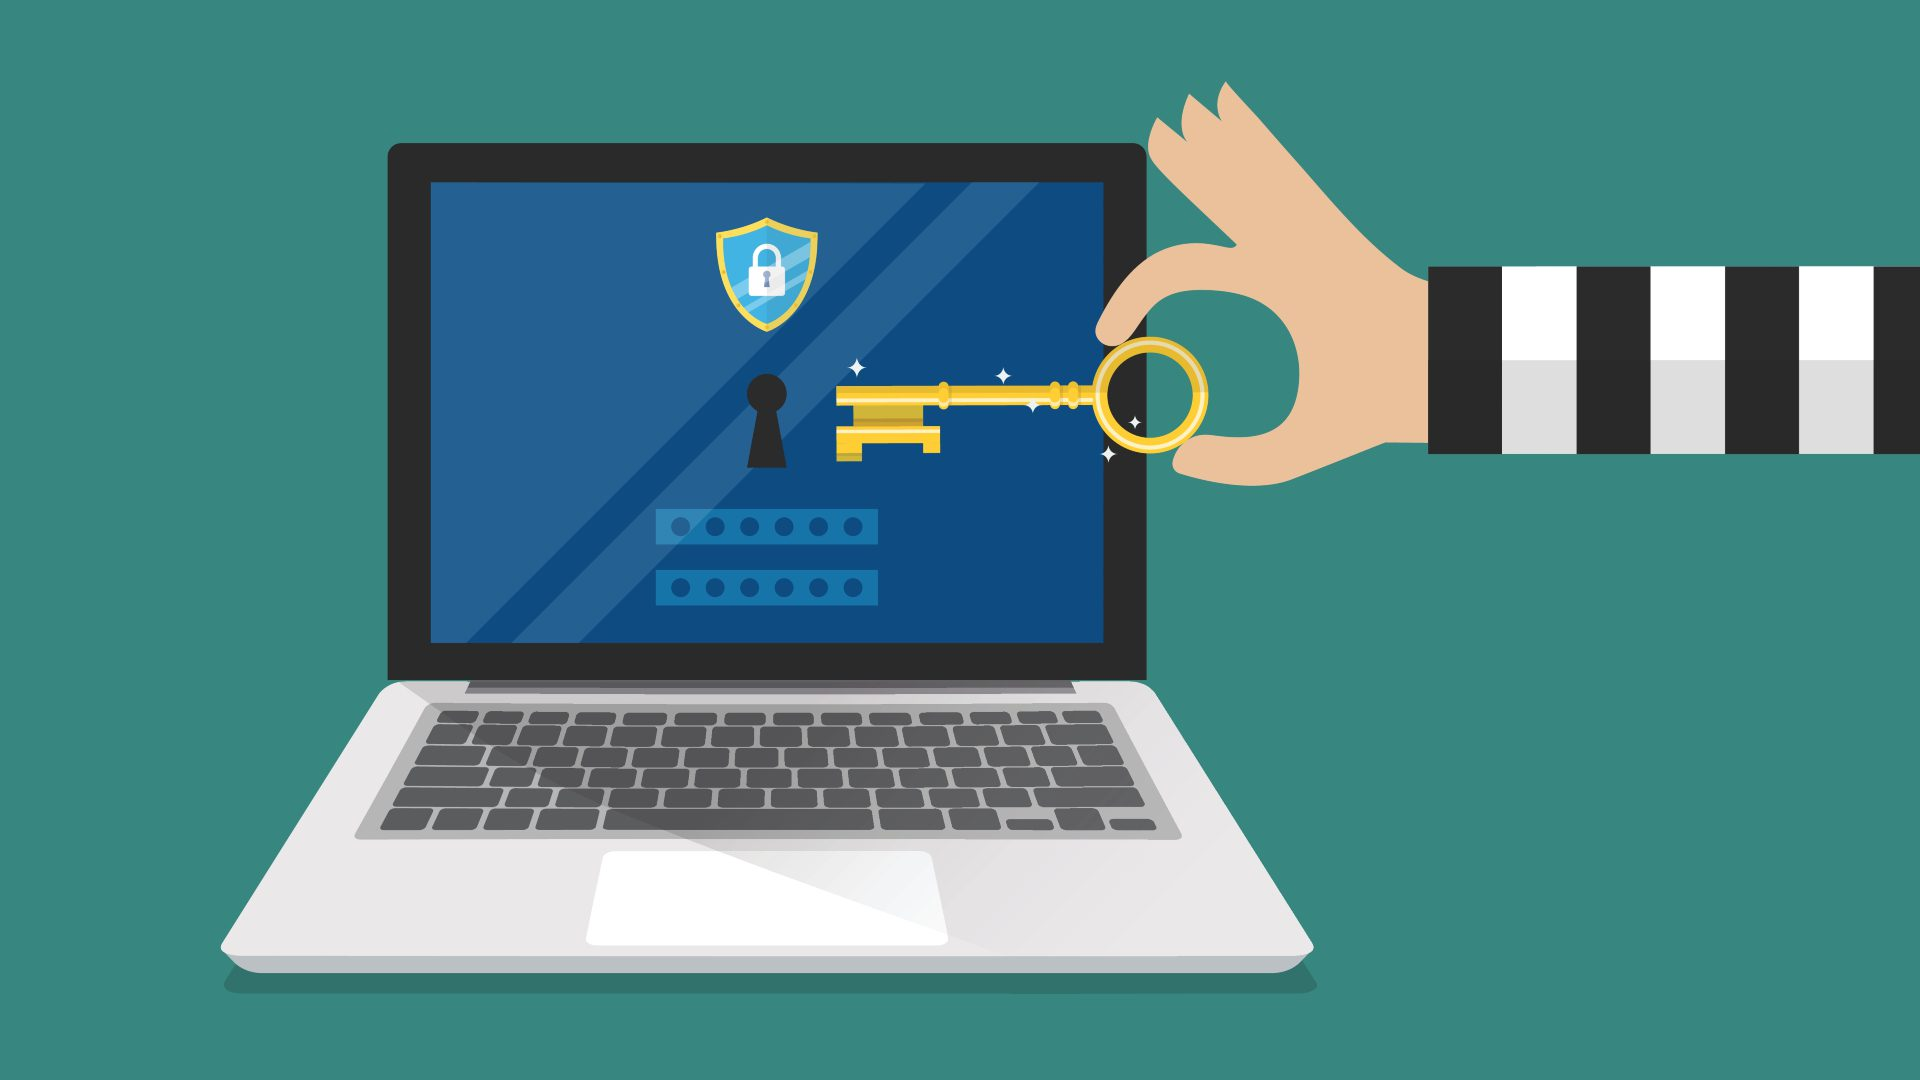 Illustrasjon på datasikkerhet